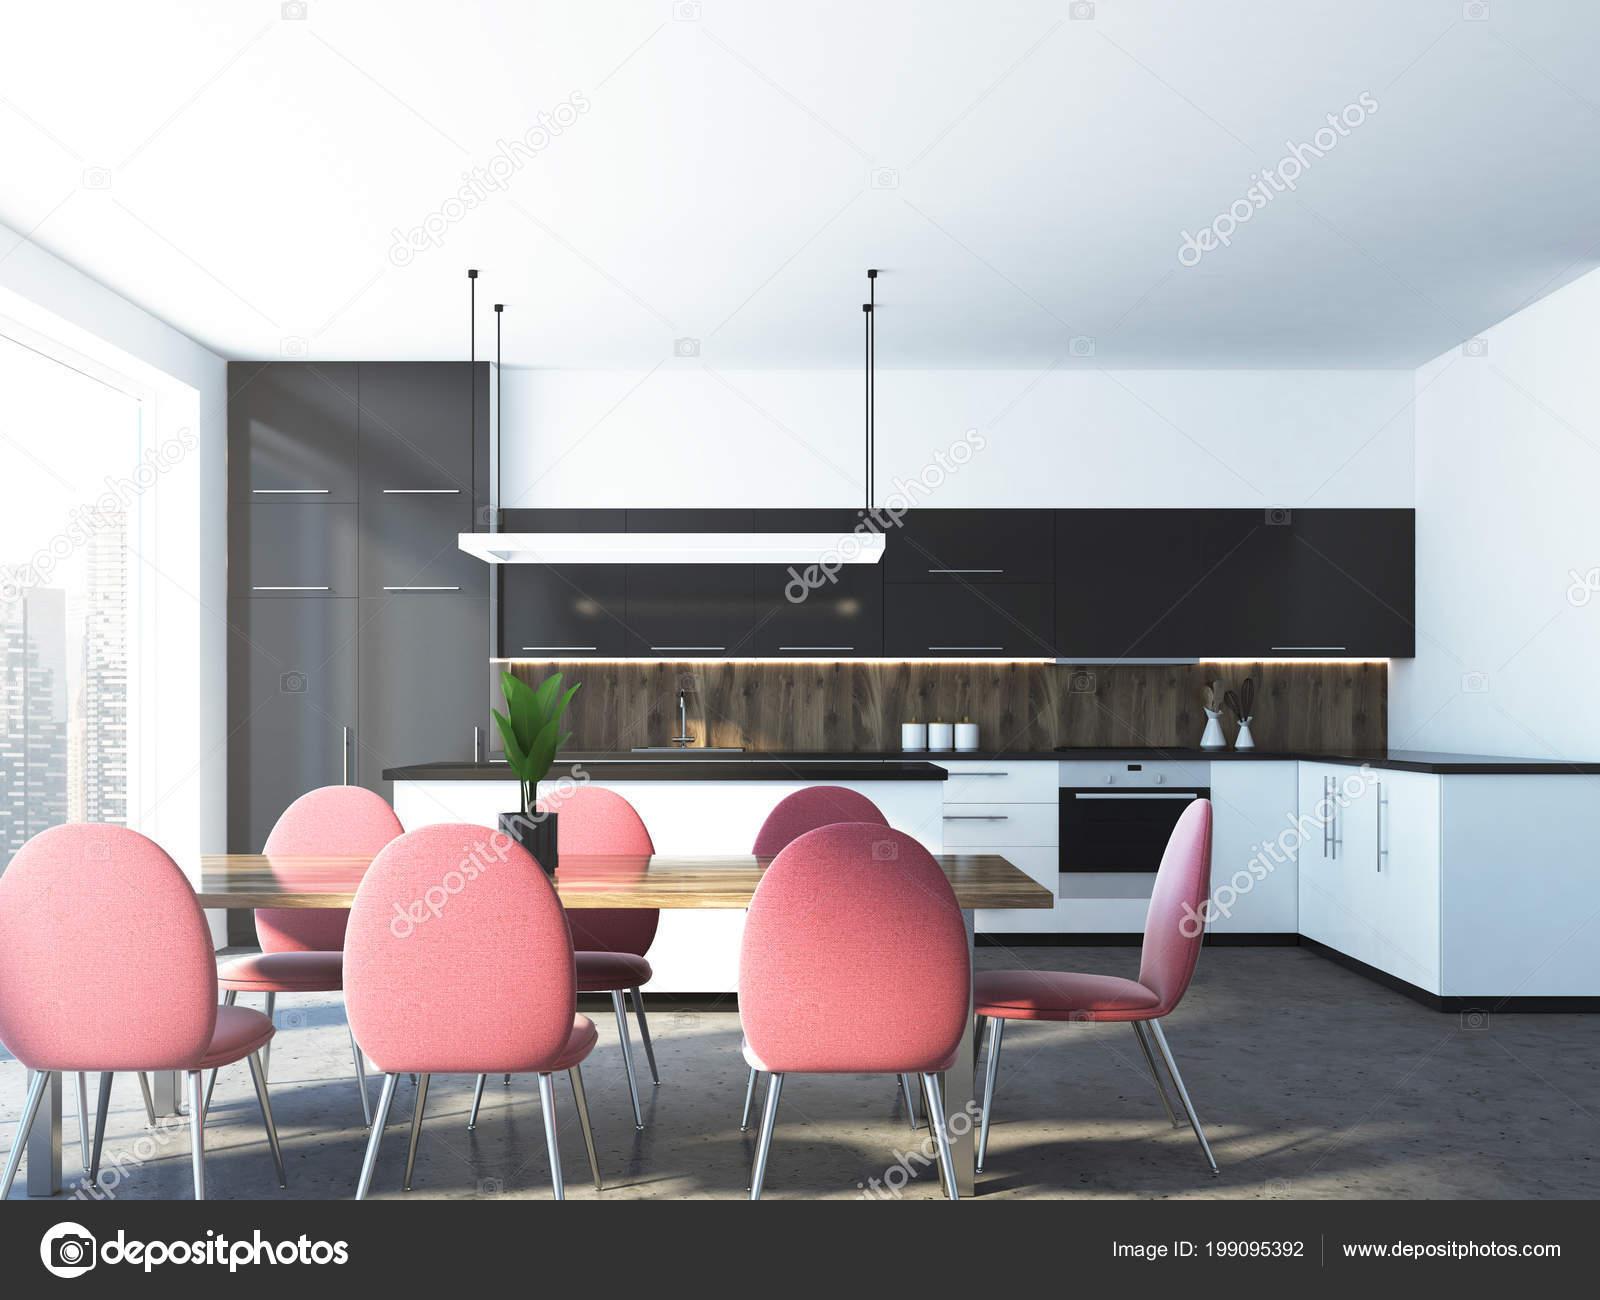 kitchen table nook rustic art 粉红色的椅子站在一张餐桌上房间里有全景窗户和厨房角落一个特写渲染模拟 粉红色的椅子站在一张餐桌上 房间里有全景窗户和厨房角落 一个特写 3d 渲染模拟 照片作者denisismagilov